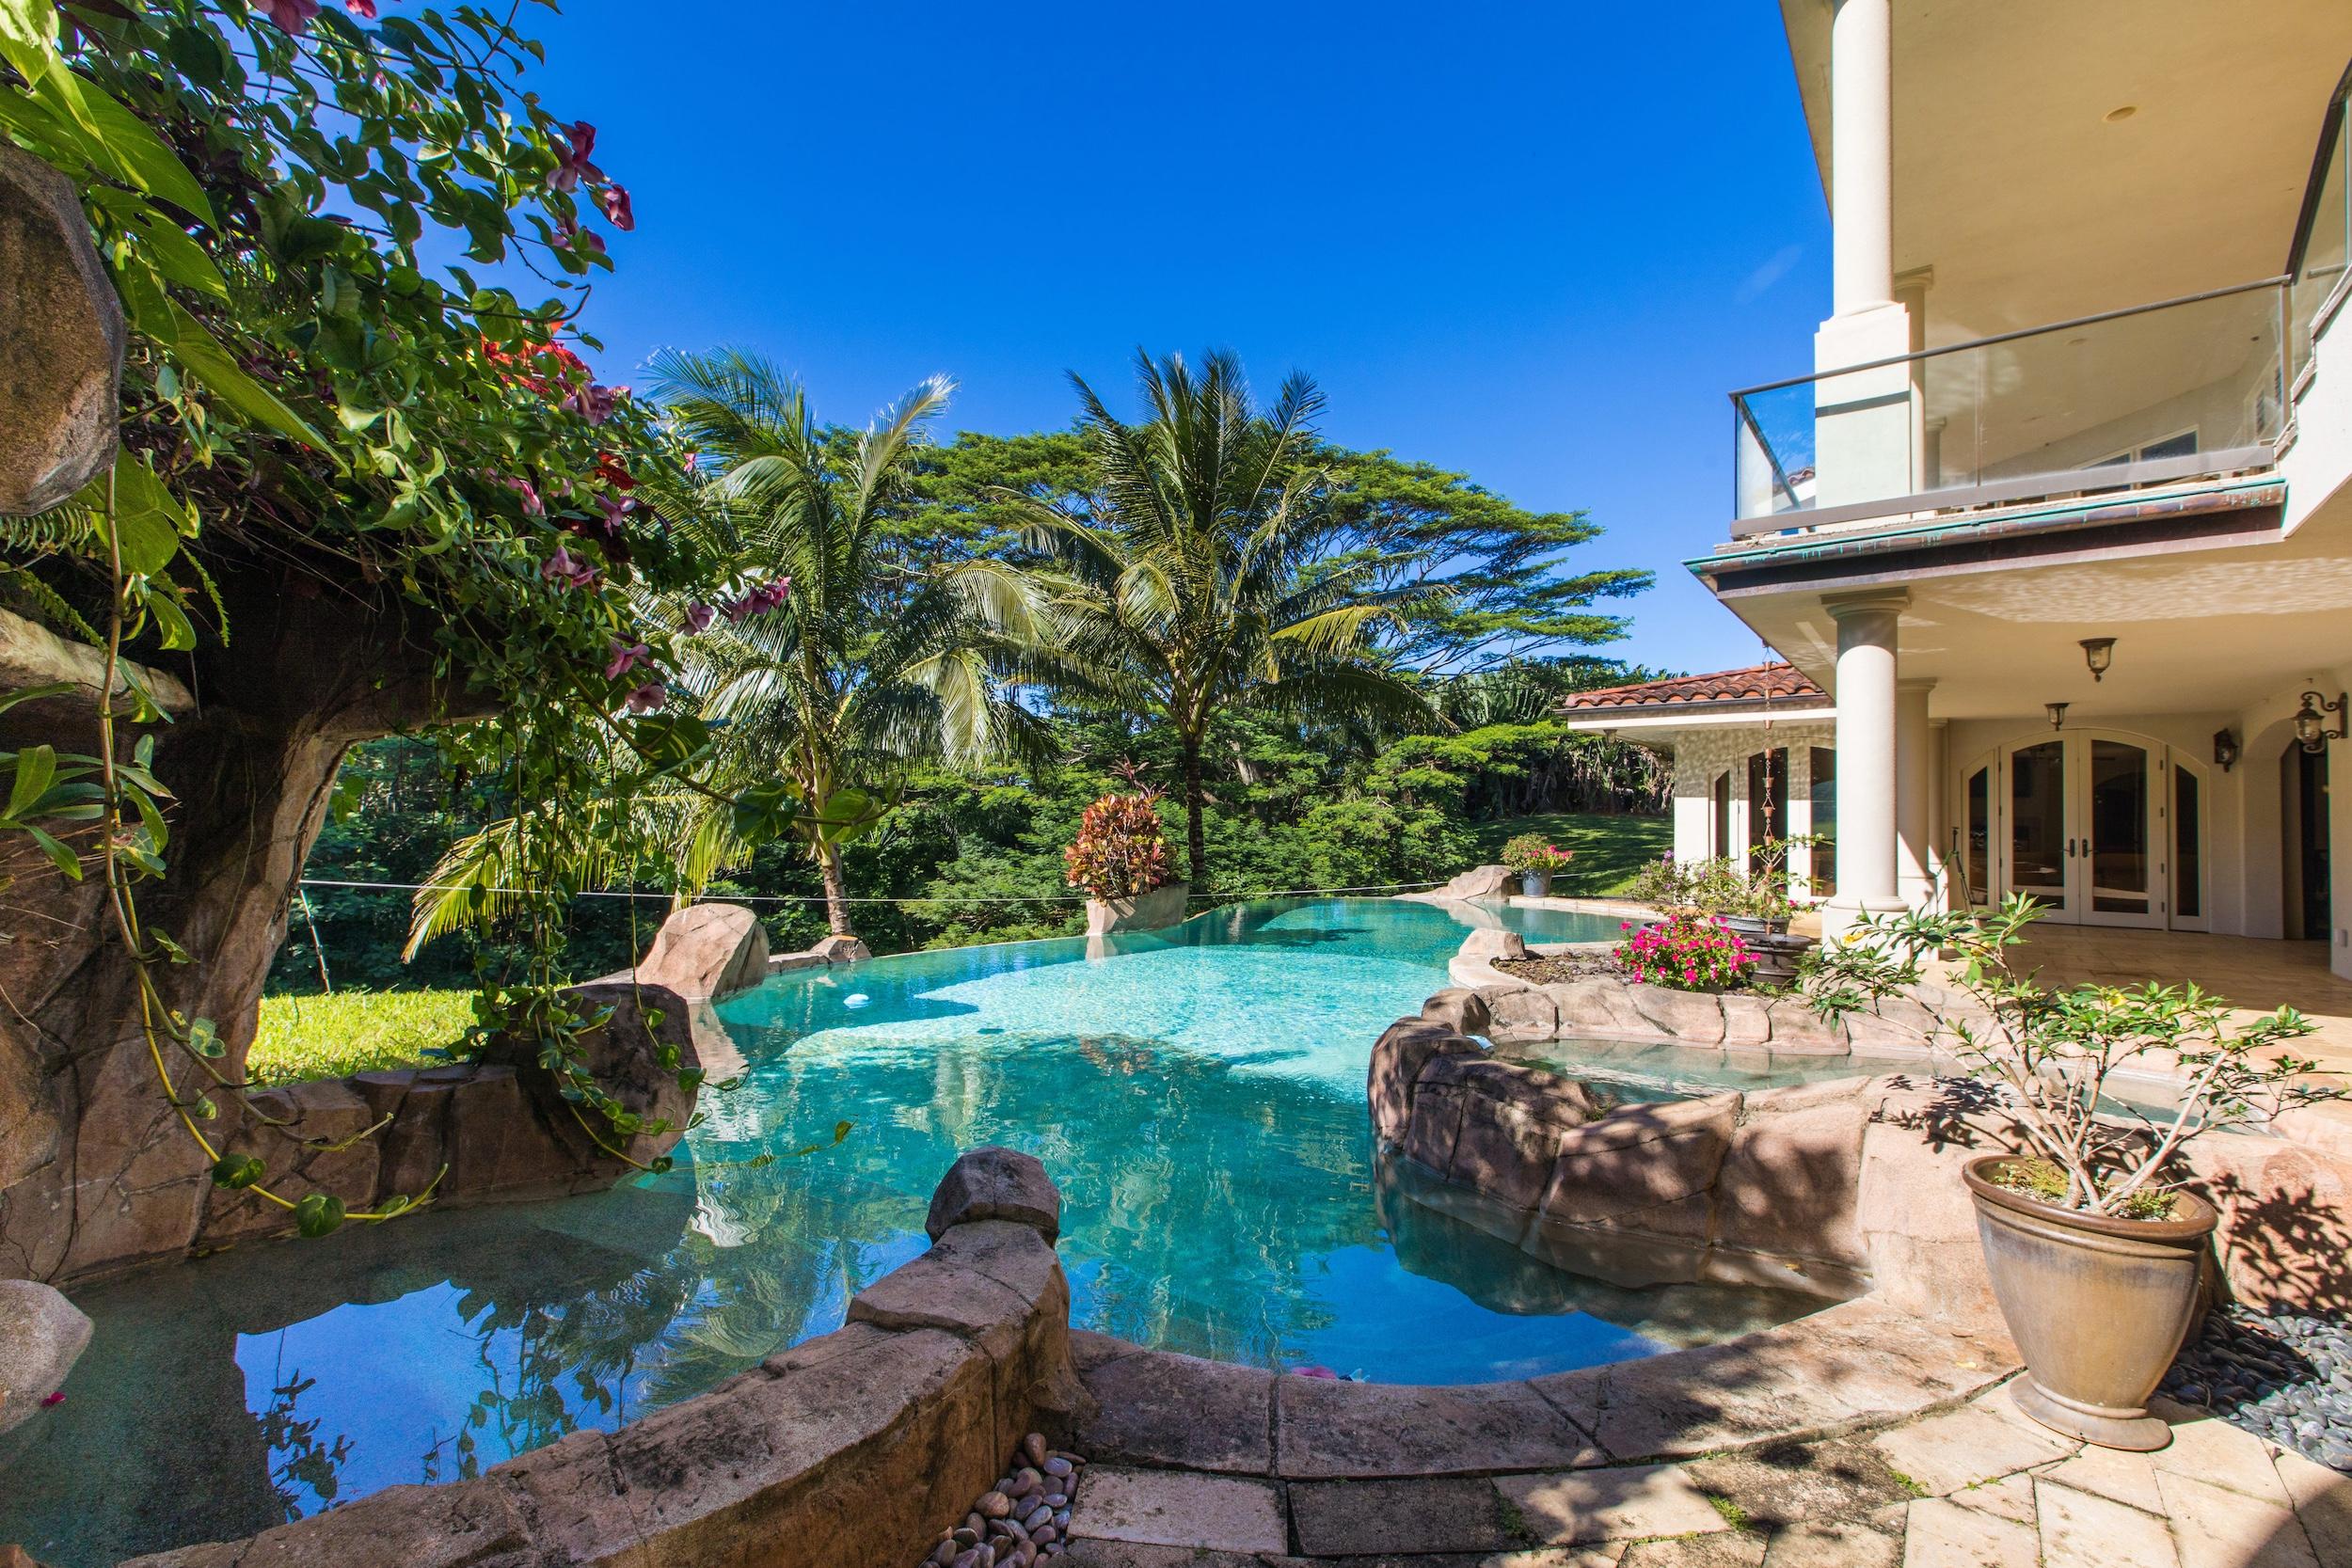 Single Family Home for Sale at Kilauea Estate 4570-A Wailapa Road Kilauea, Hawaii, 96754 United States